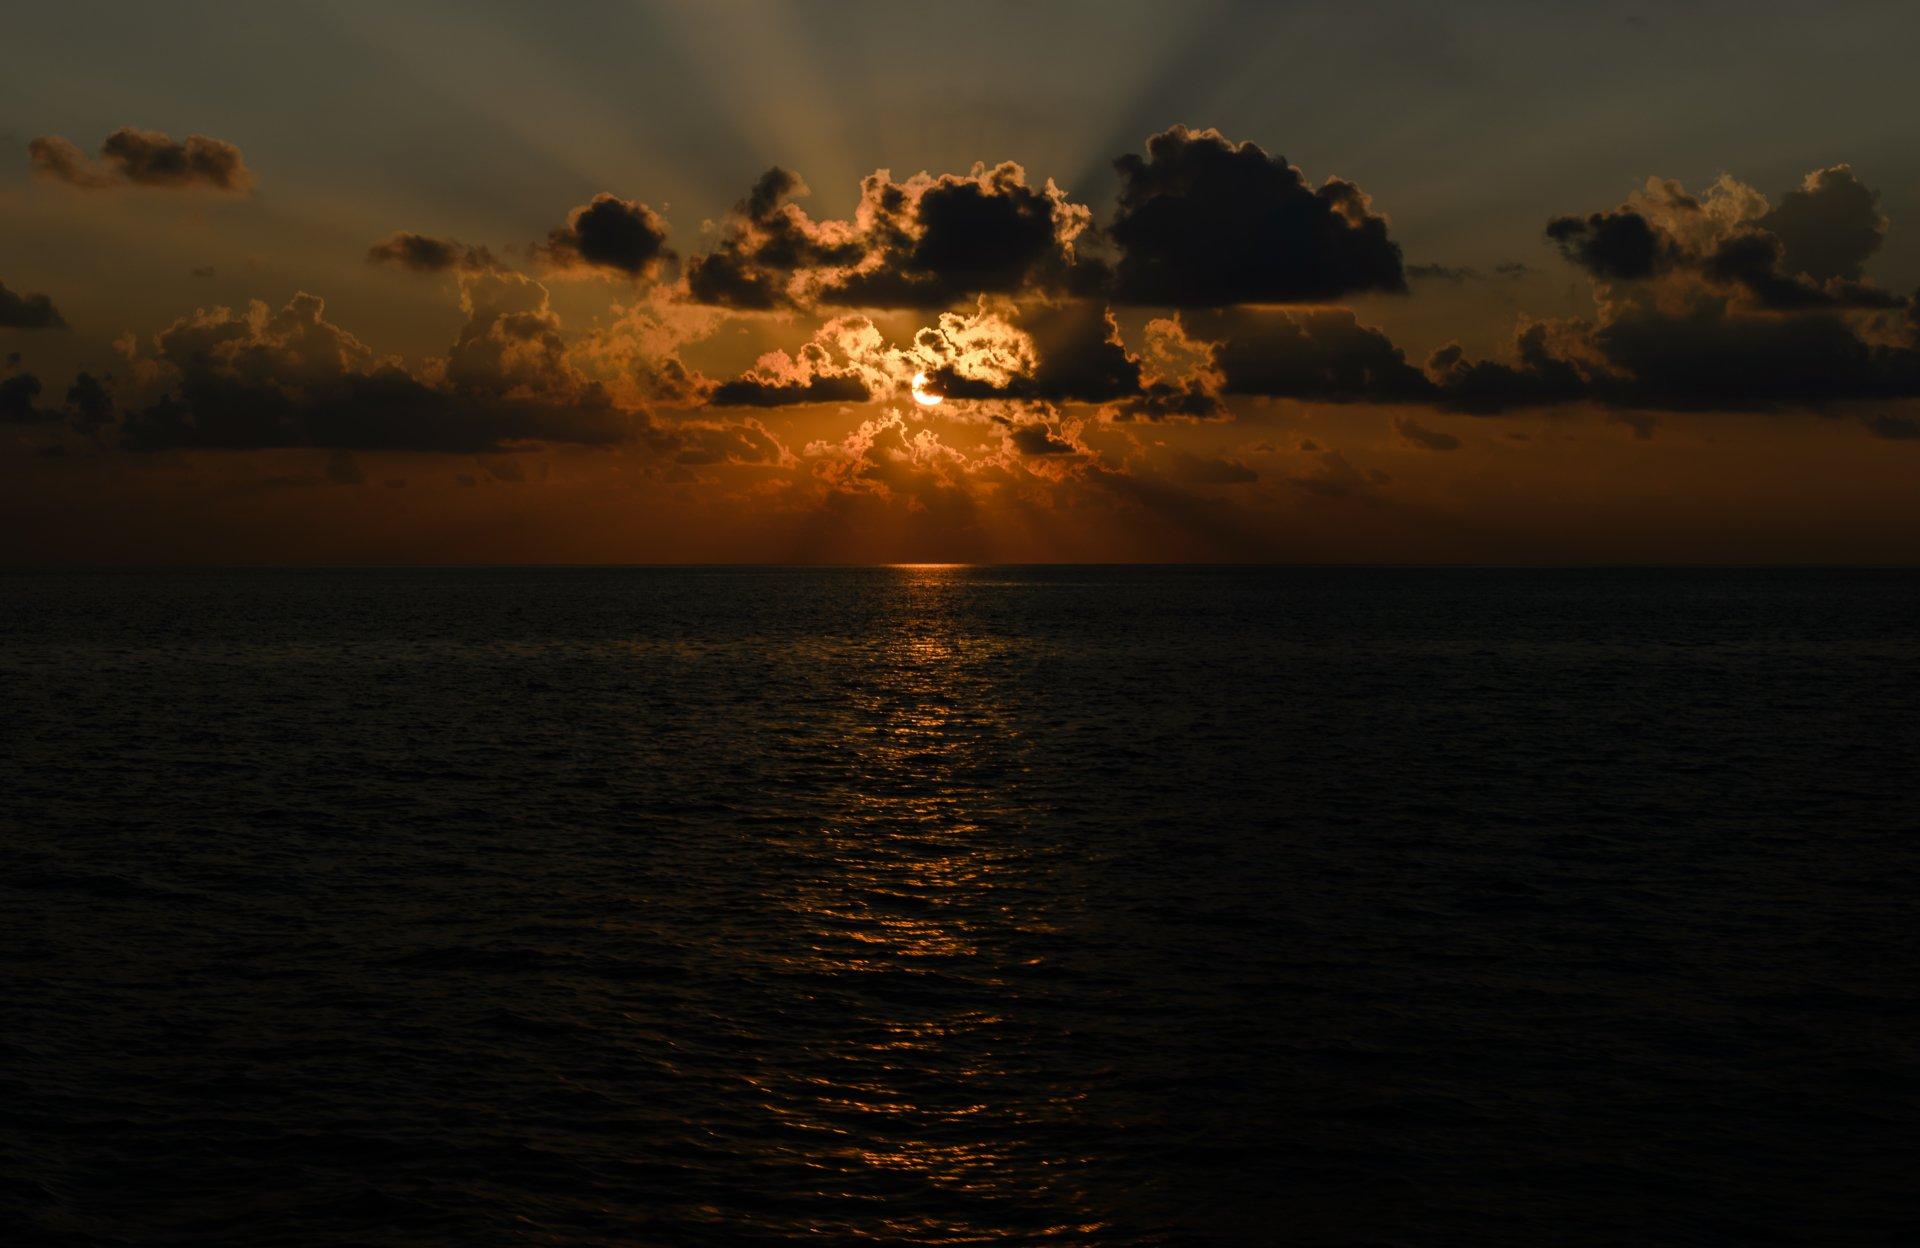 Ziemia/Natura - Zachód Słońca  Horizon Słońce Promień słońca Ocean Chmura Tapeta